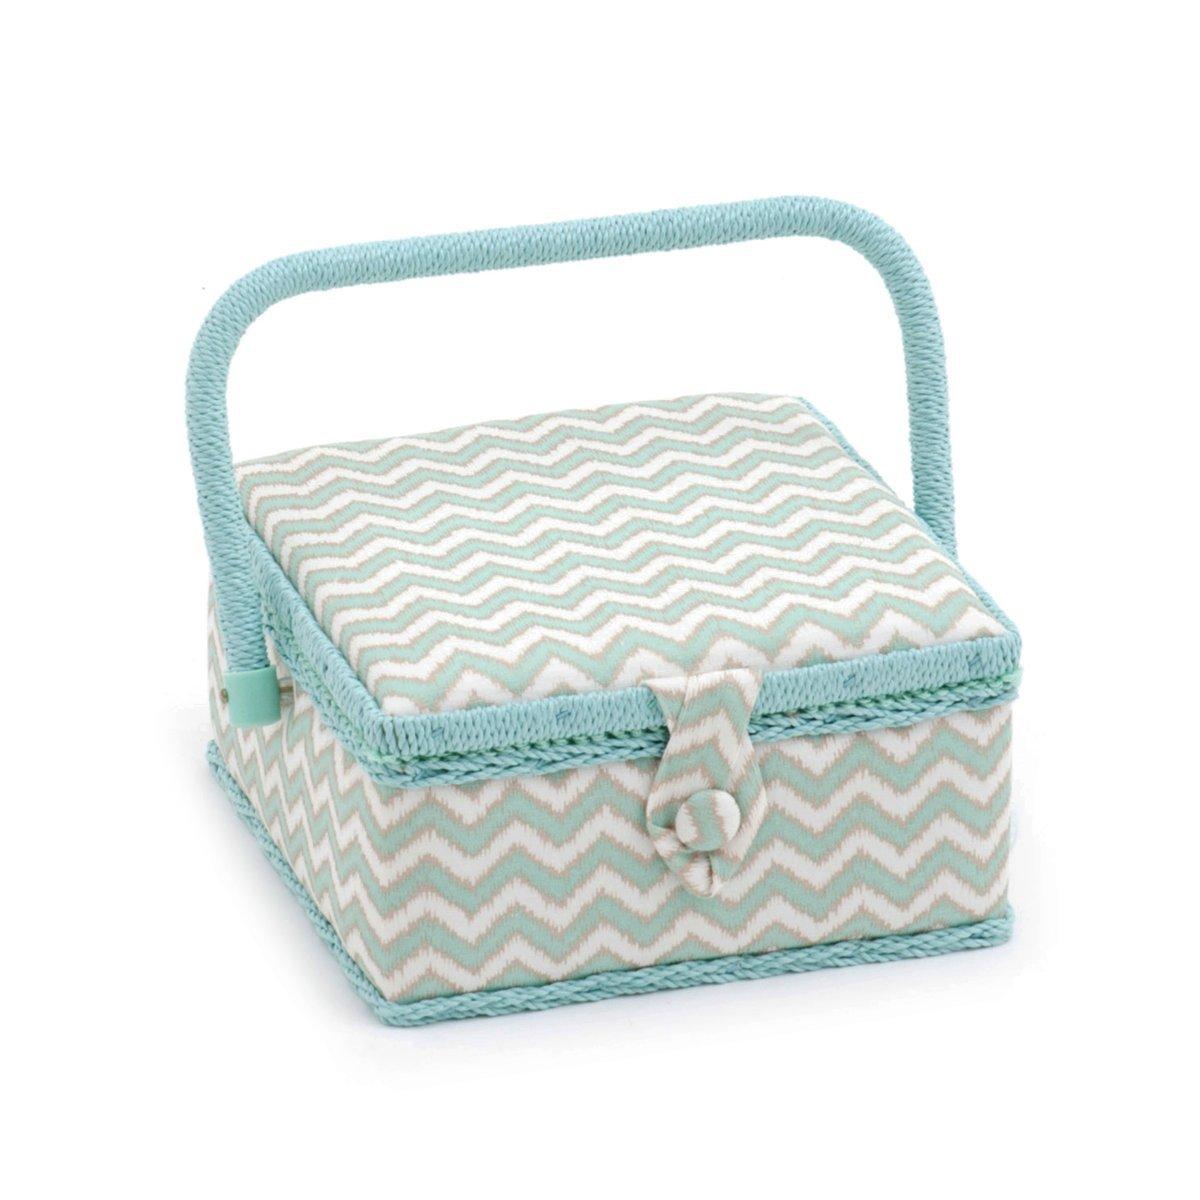 HobbyGift Groves esclusivo: scatola da cucito (S): quadrato: scribble chevron, misto cotone, assortiti, 20x 20x 11cm MRS\269